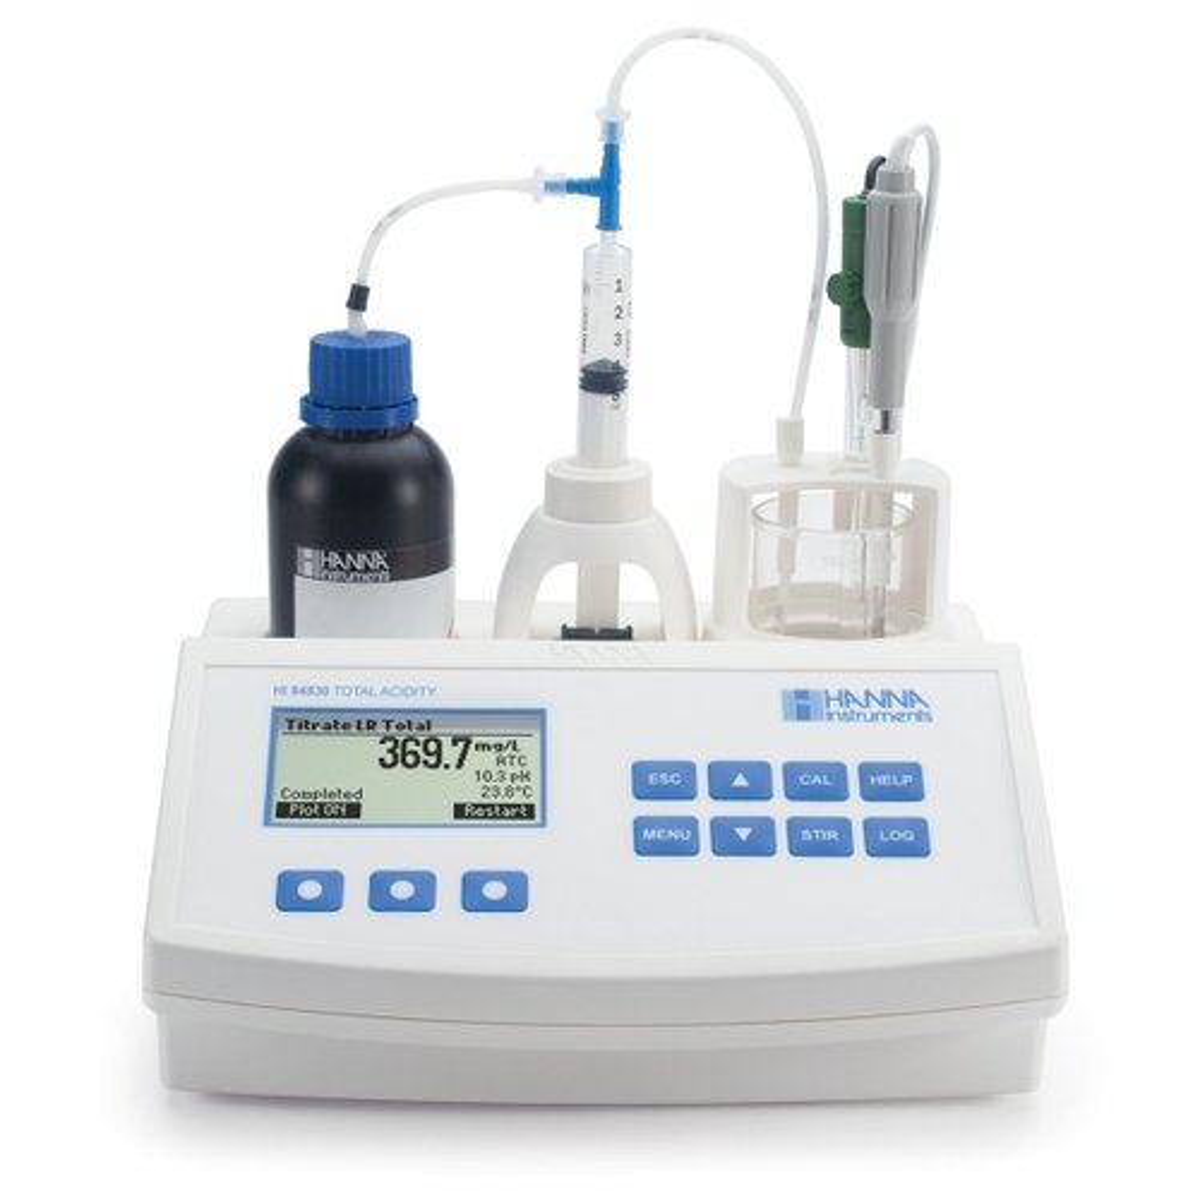 Mini Titulador para Medir la Acidez Titulable en Agua - HI84530